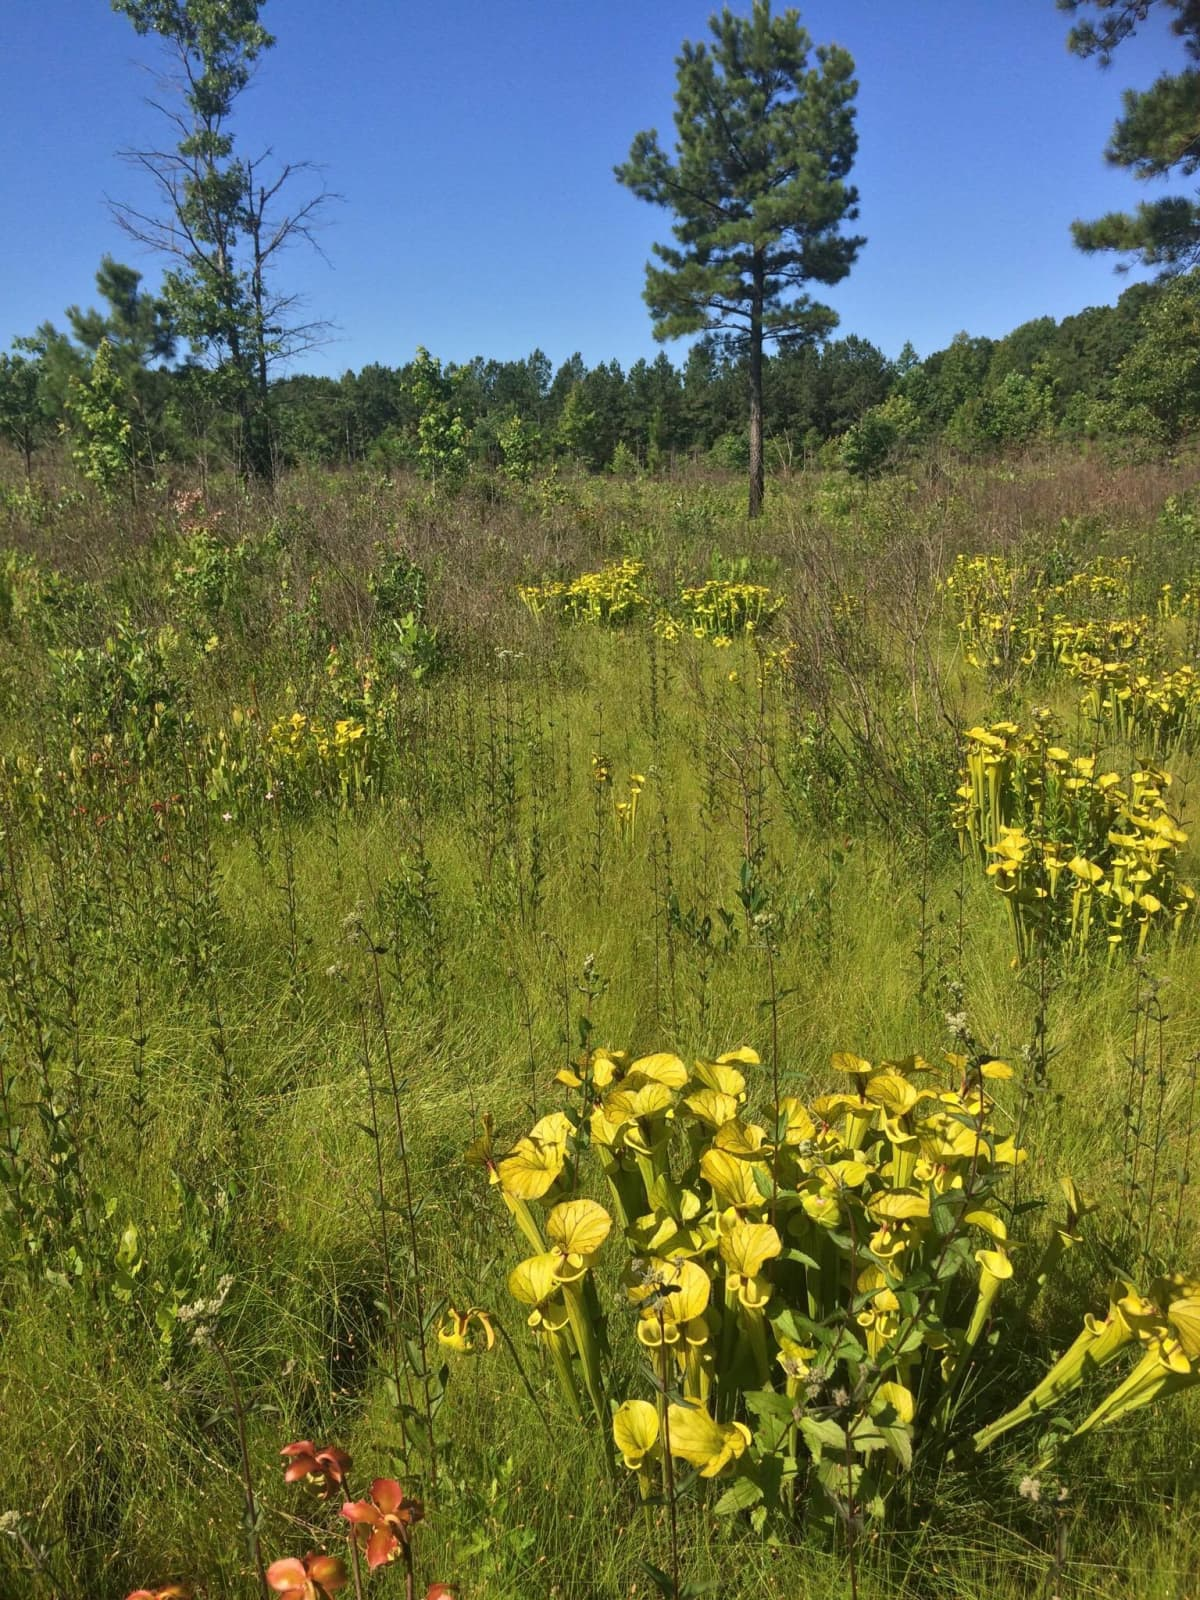 Keltatötterölehtiä luonnonsuojelualueella